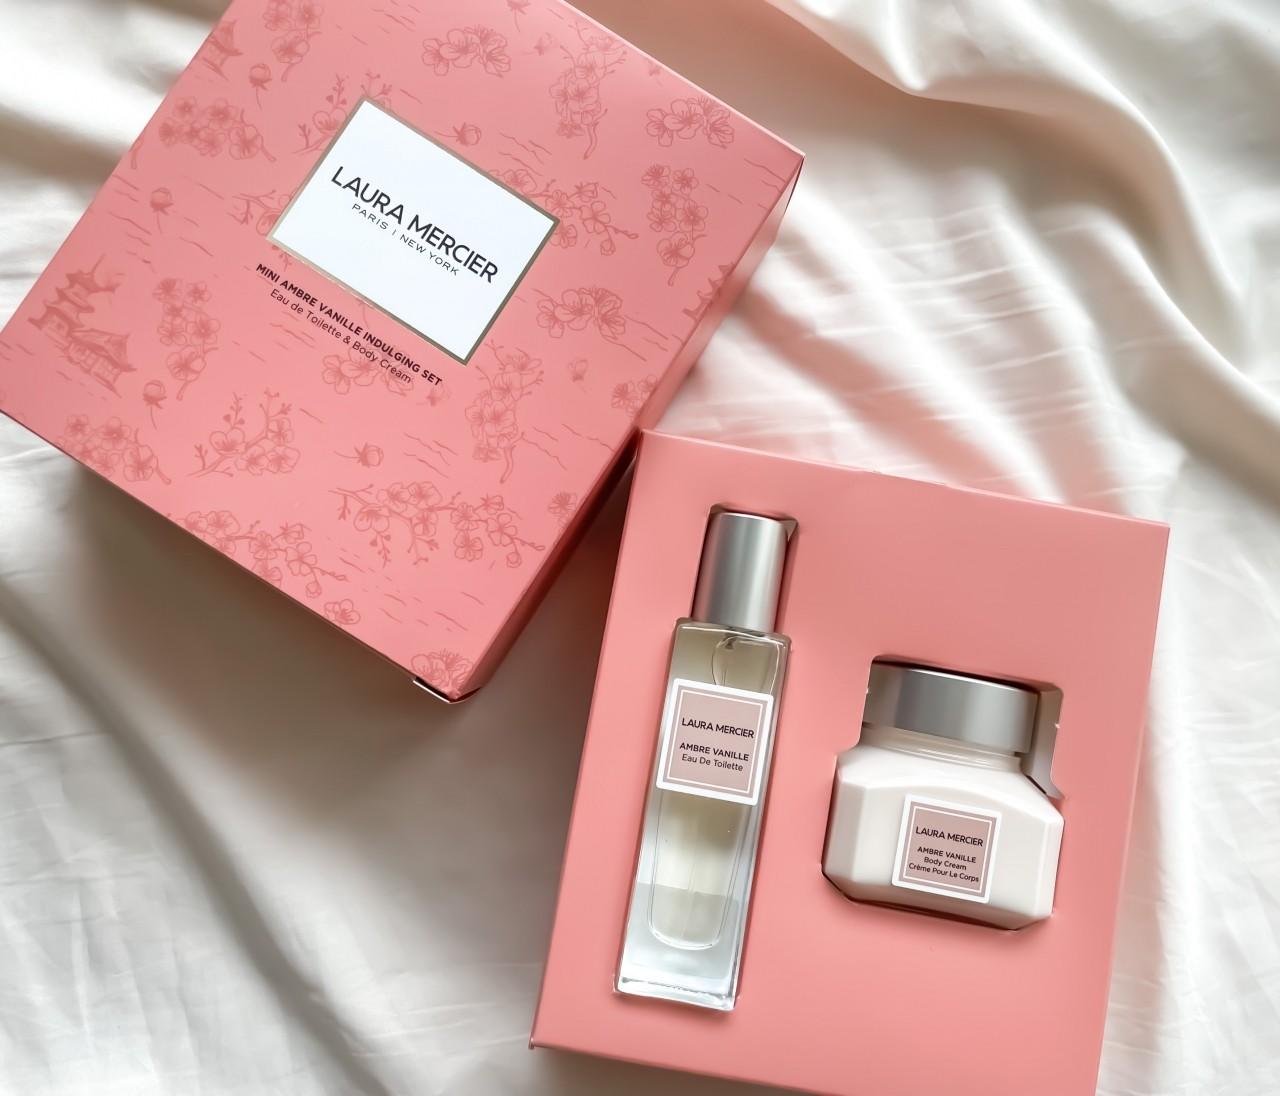 #人類モテ の香りを全身に♡ ローラ メルシエの日本限定のミニサイズキットは今すぐ買いっ!【美容マイスターまつこの30代ビューティ道#40】